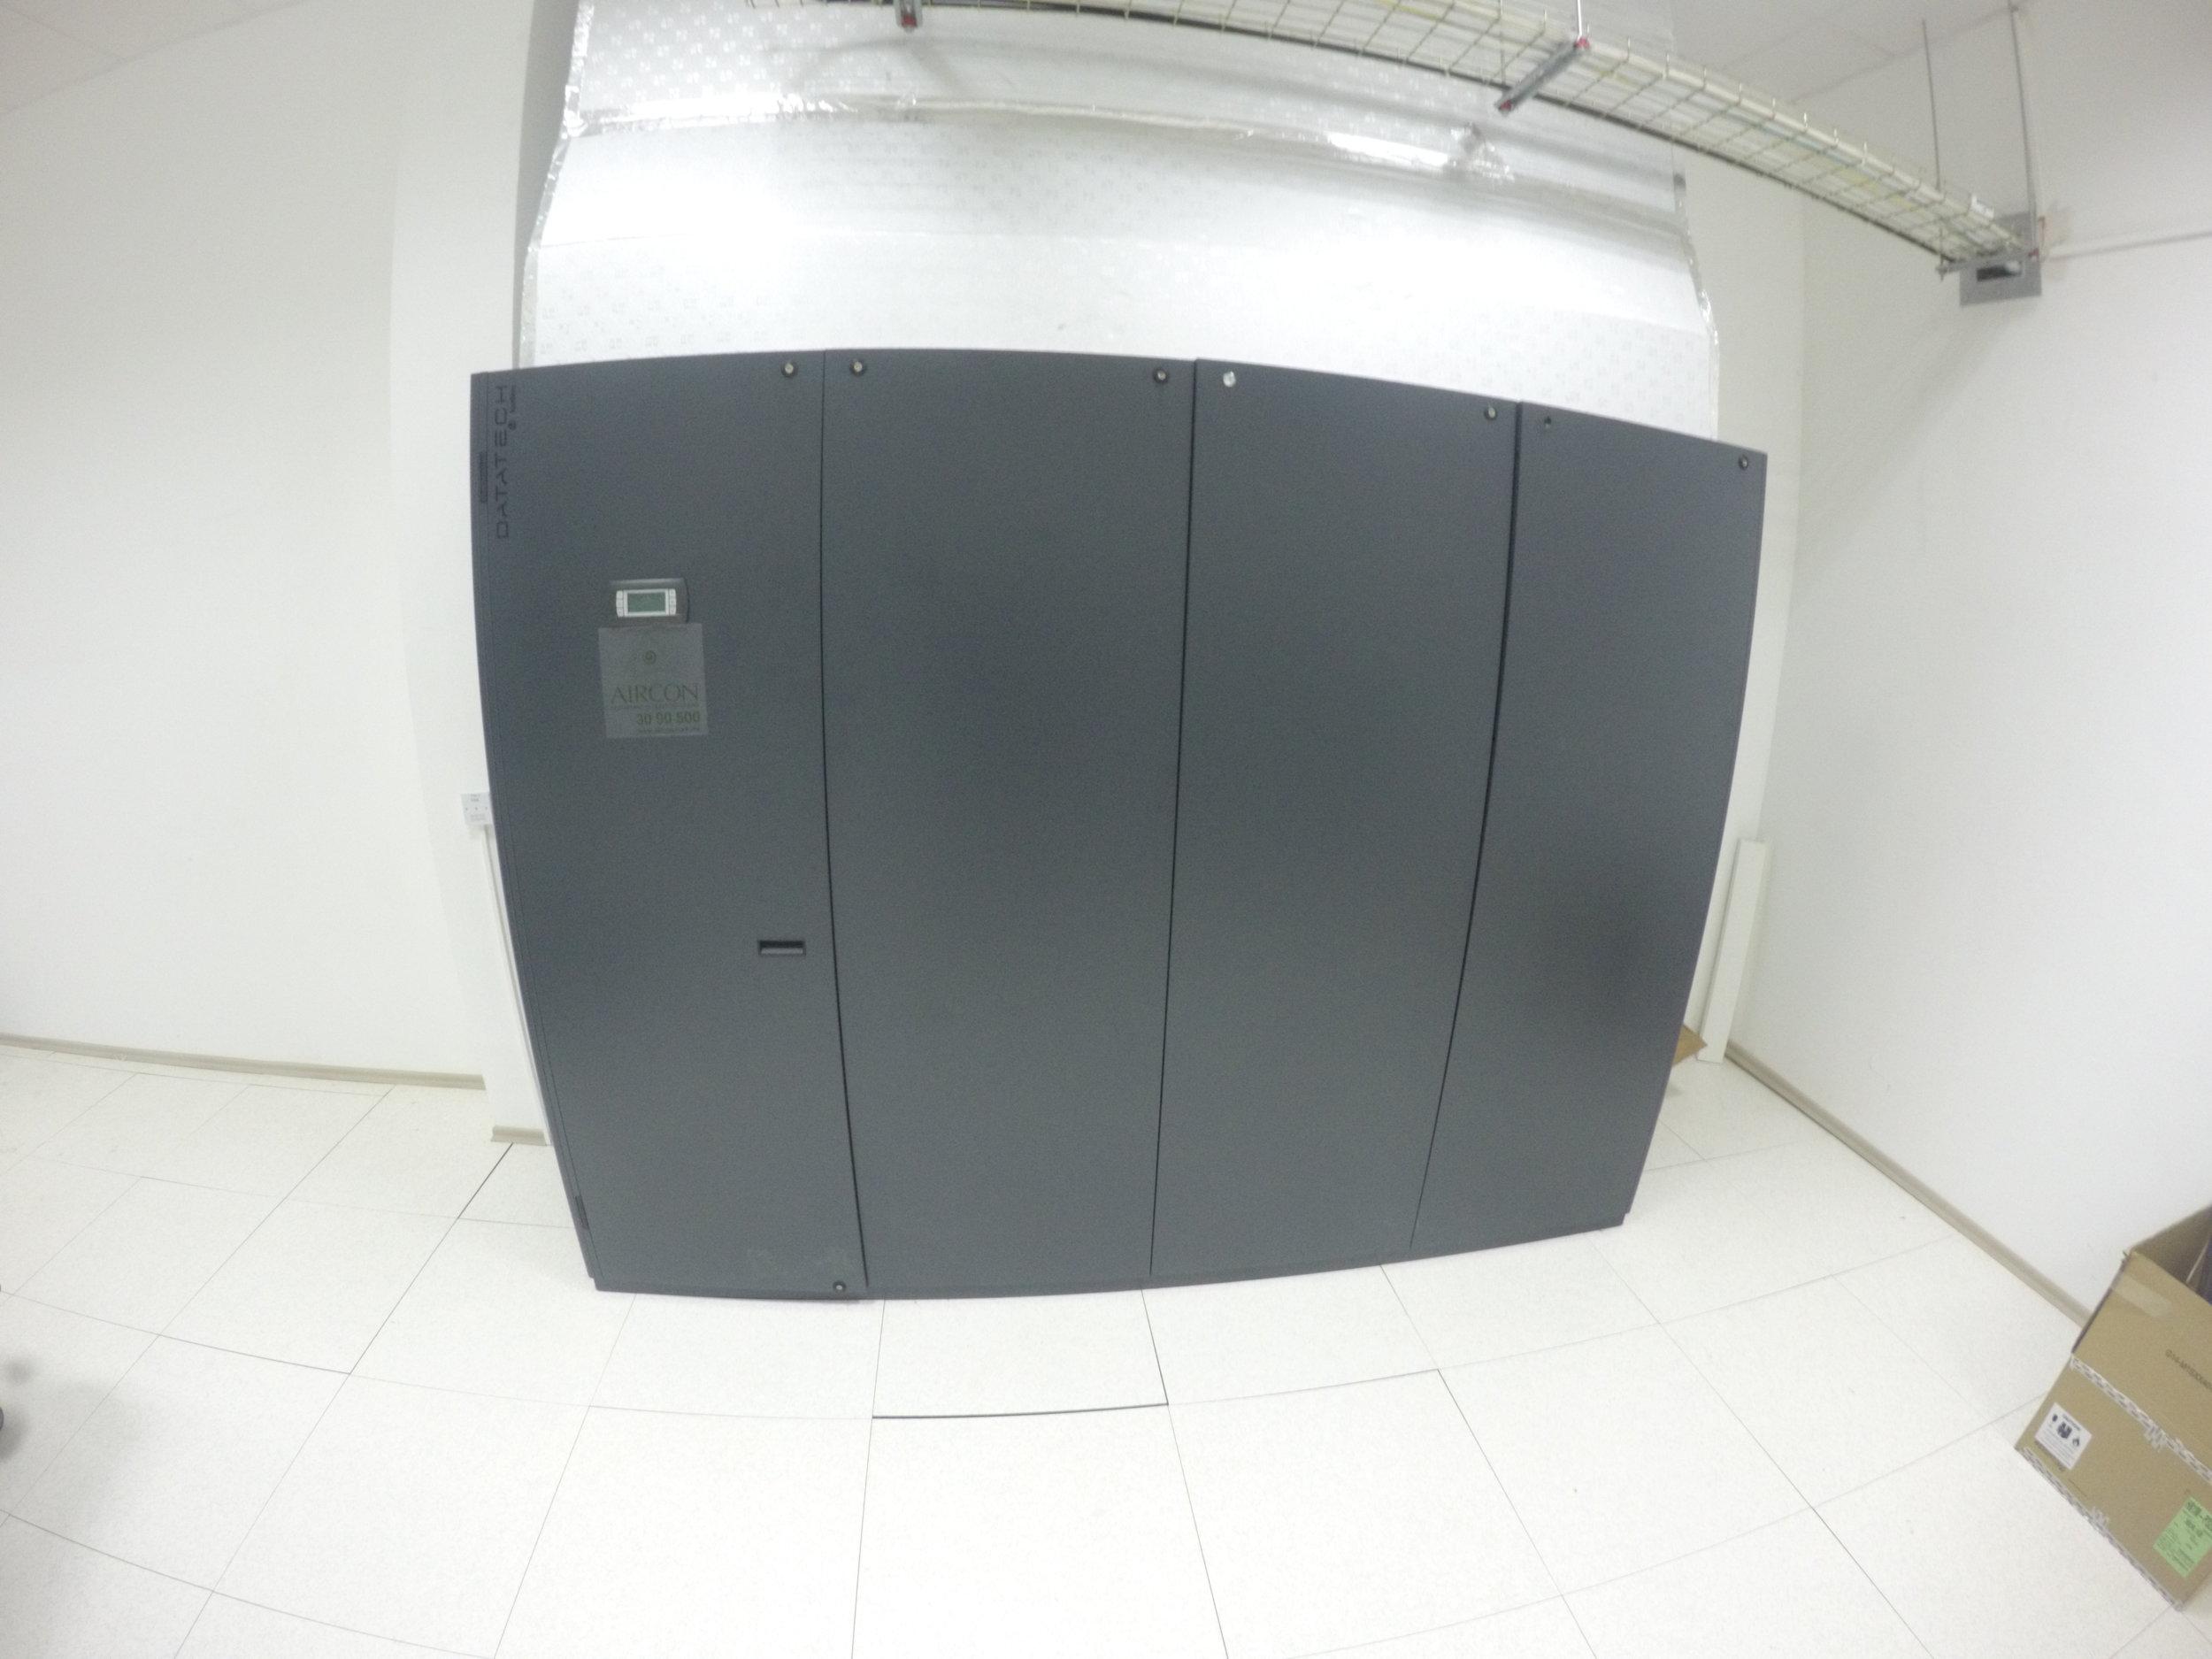 evn_aircon_datatech